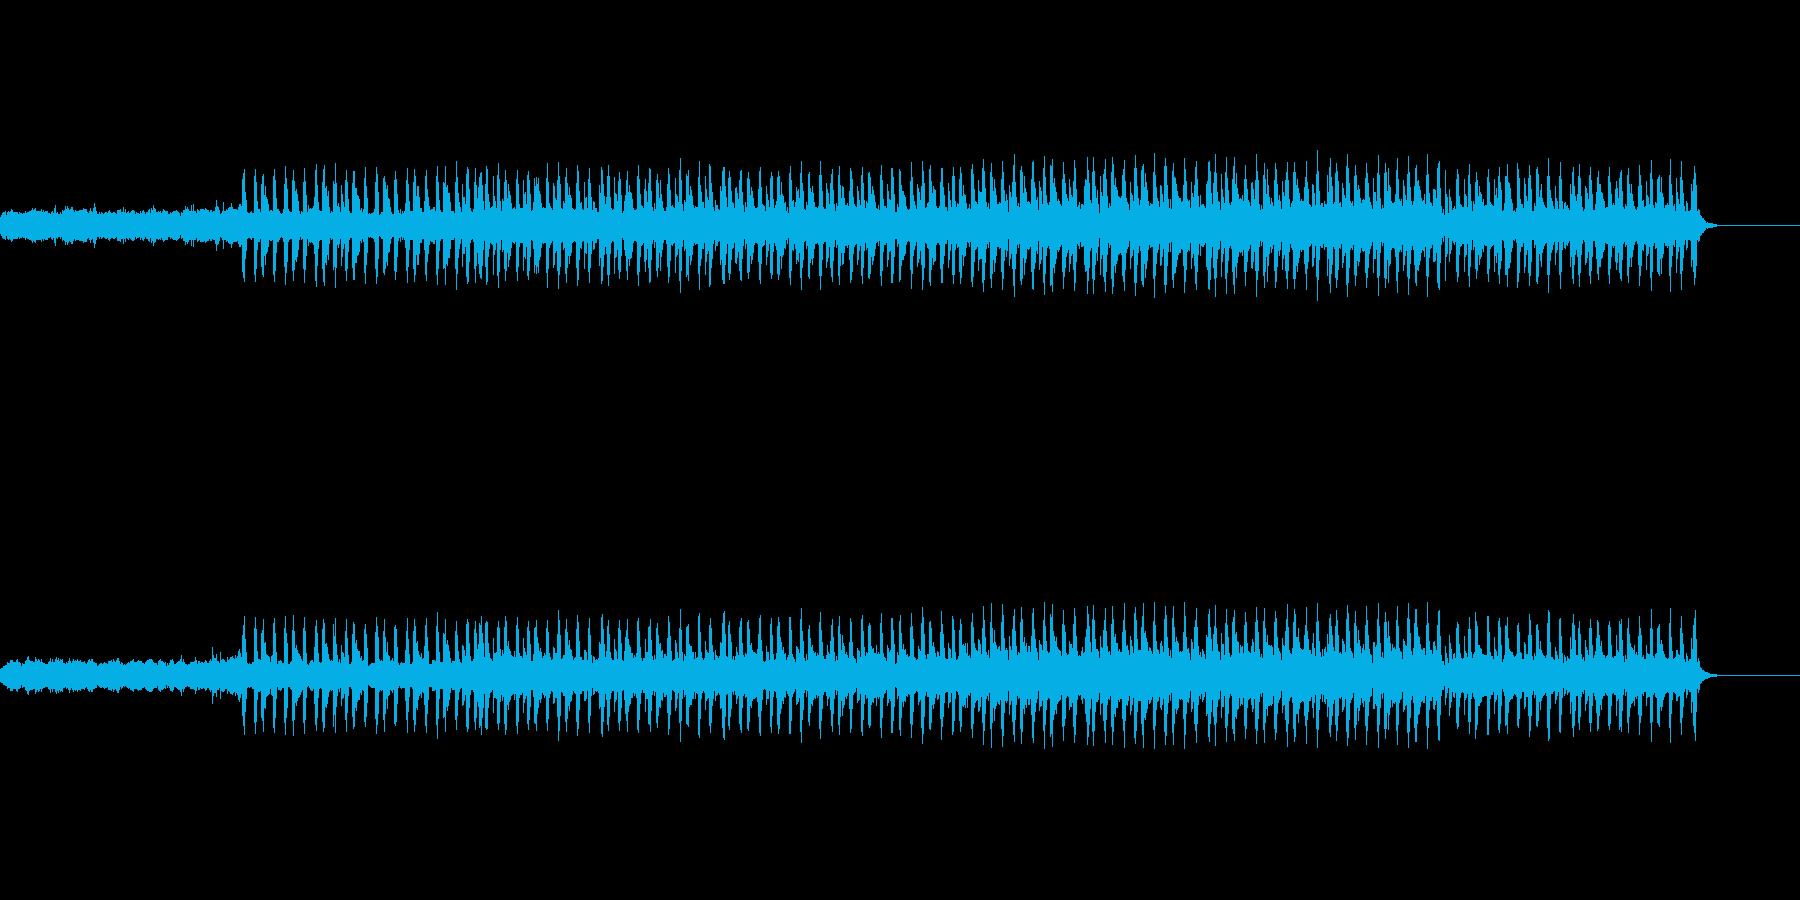 高速ビートジングル (DnB)の再生済みの波形